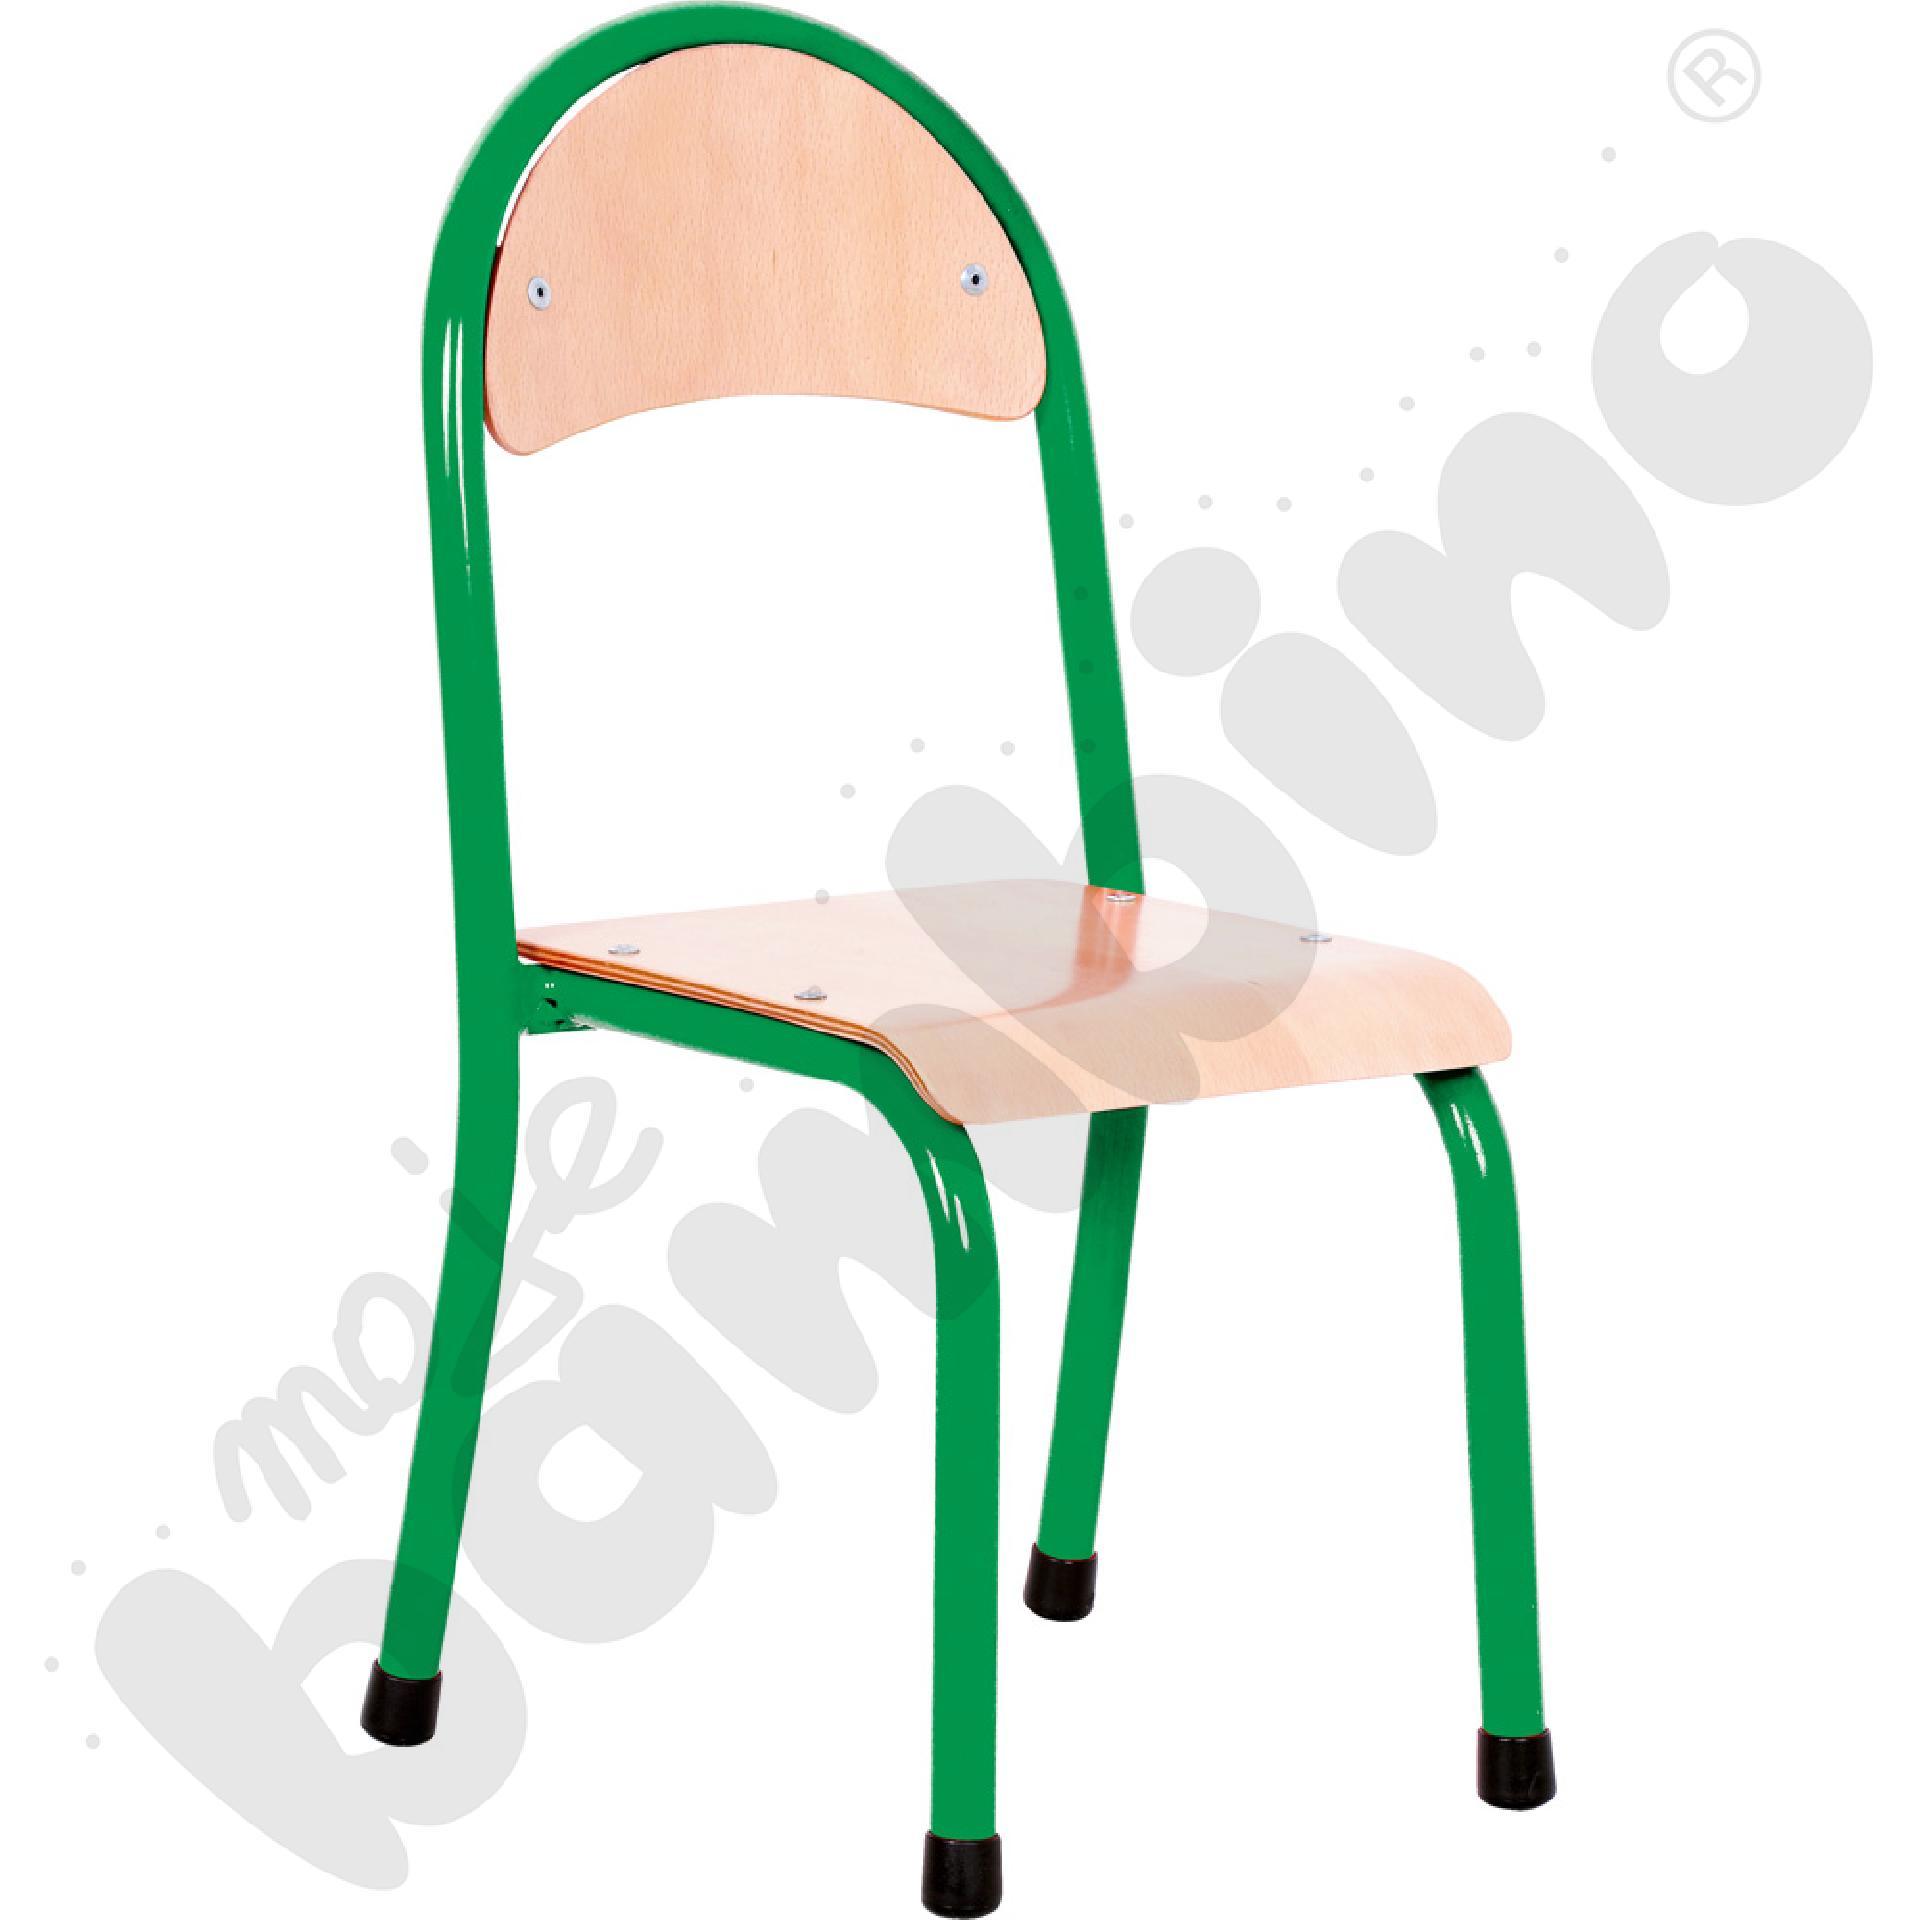 Krzesło P rozm. 1 zielone